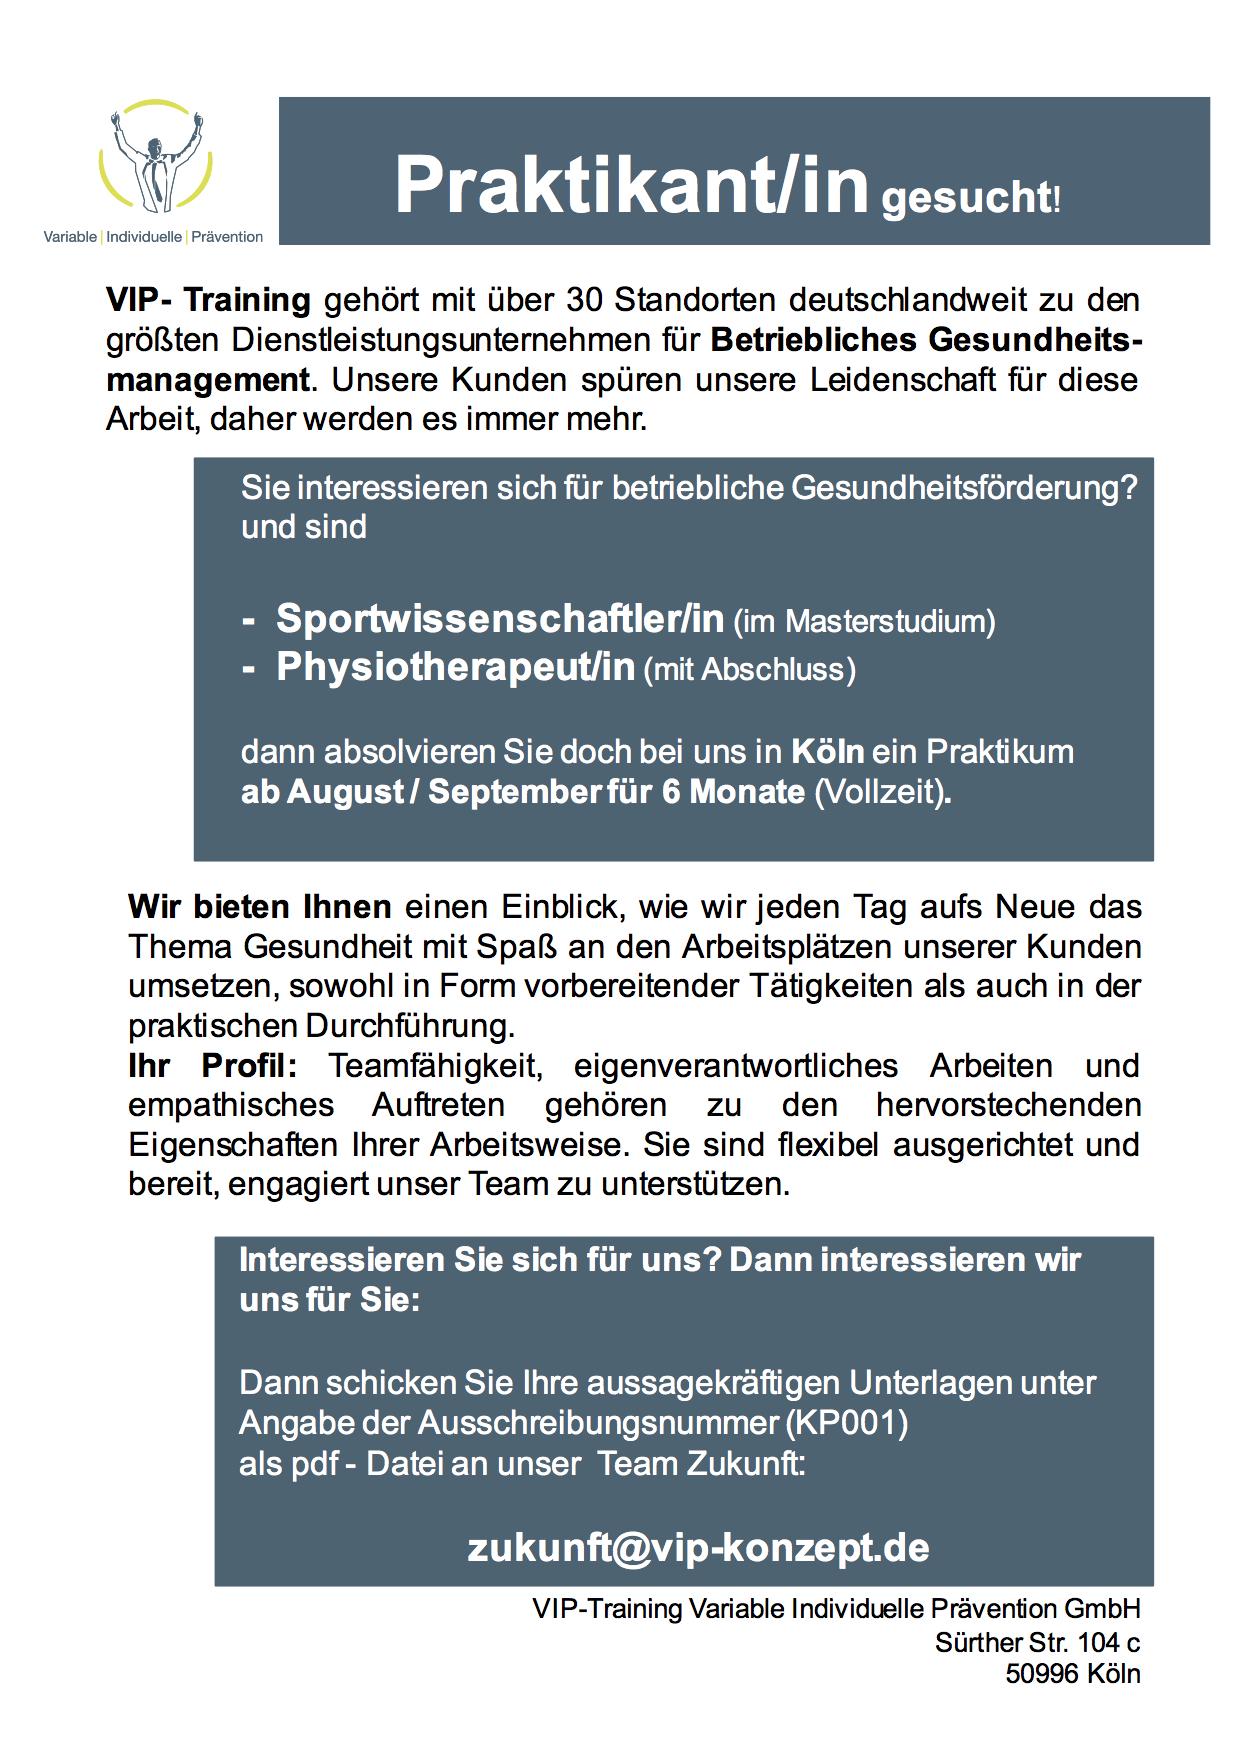 KP001_Aussschreibung Praktikumsstelle_koeln